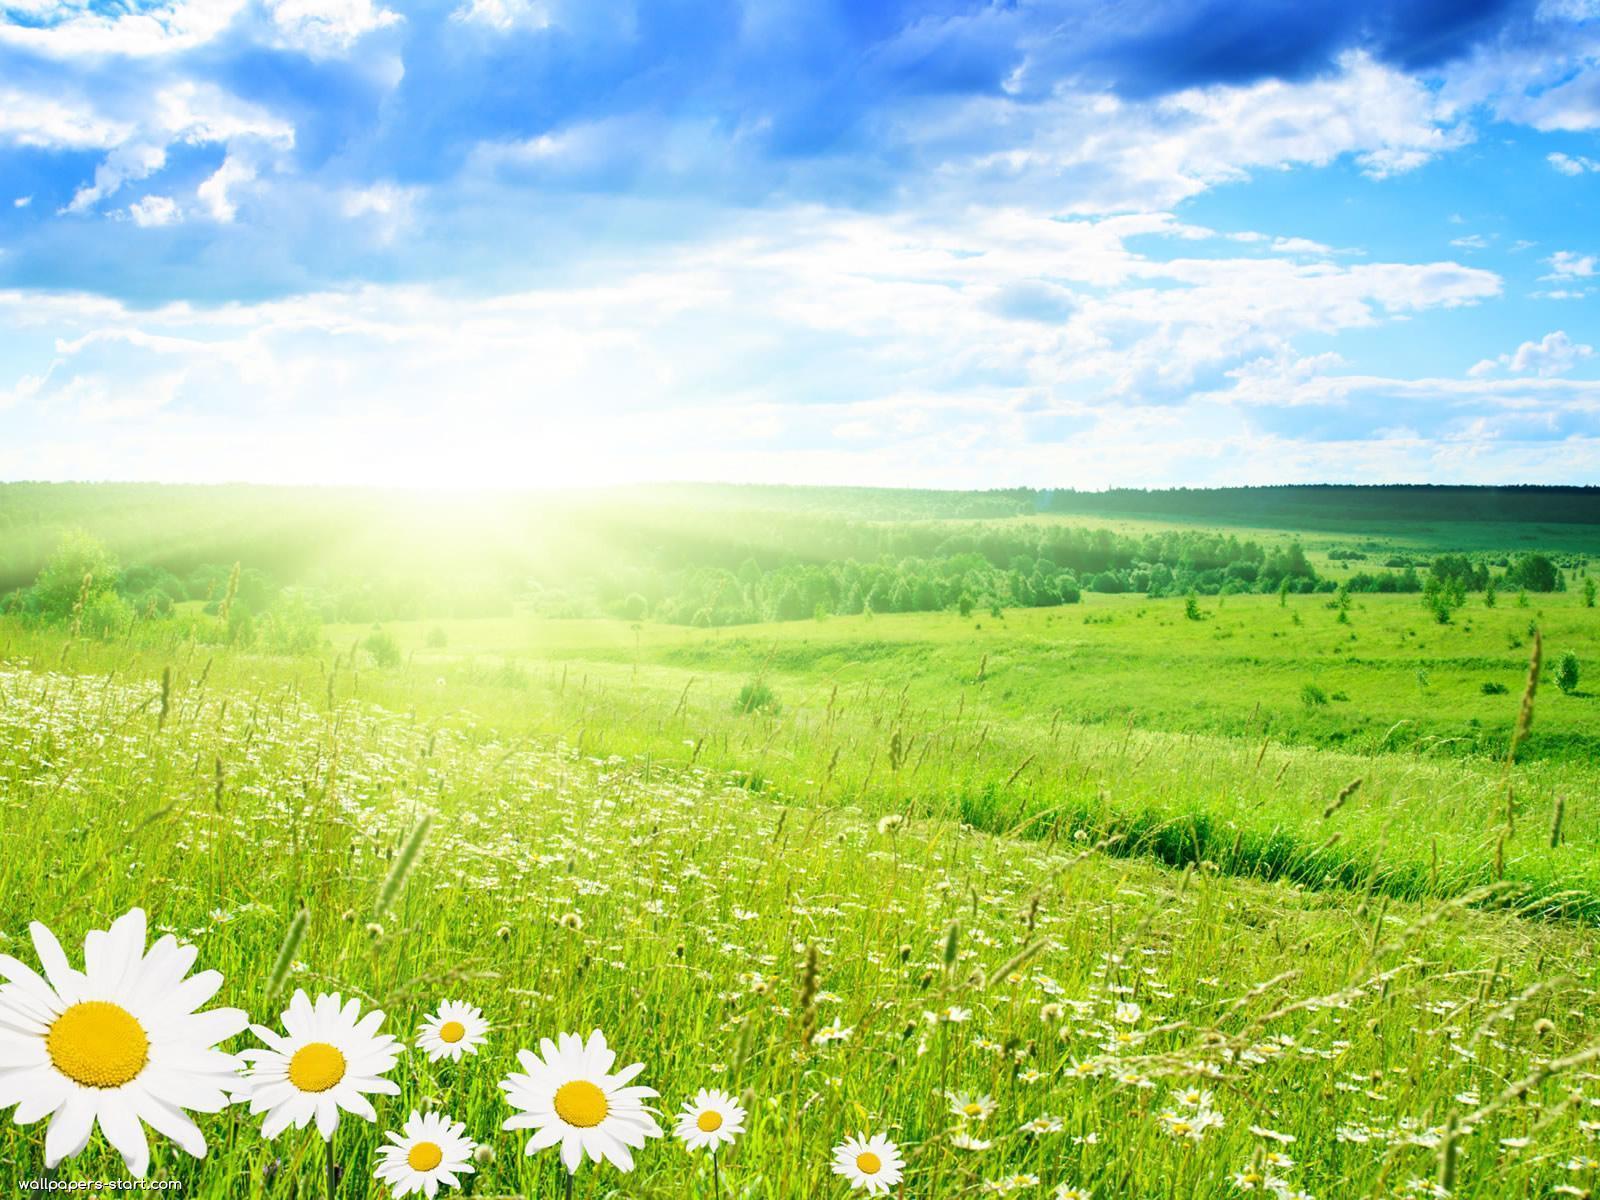 Previsioni meteo medio termine: avvio settimanale con Sole e caldo